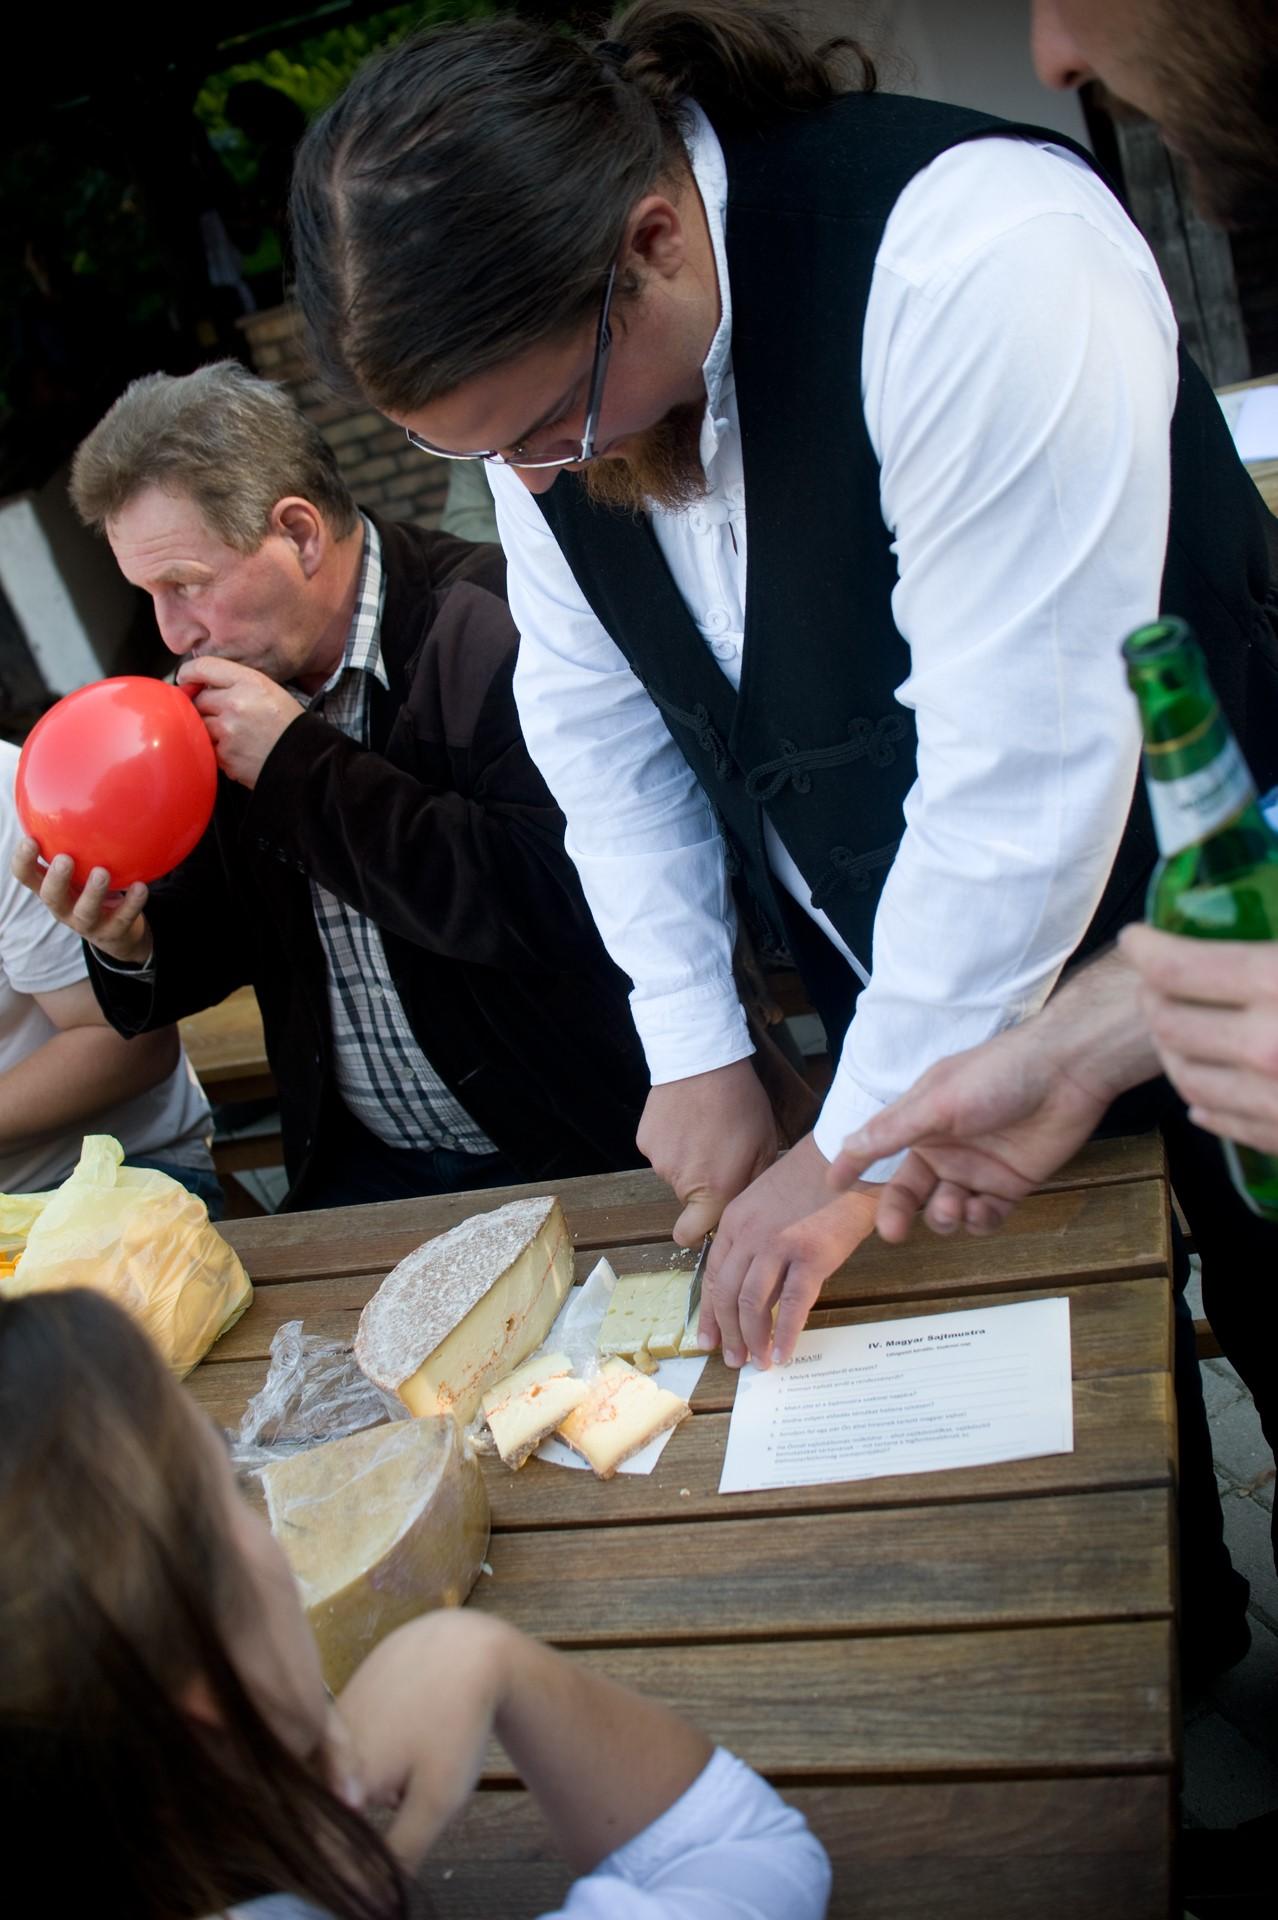 Sajtmesterek egymás közt: sajtkóstolás